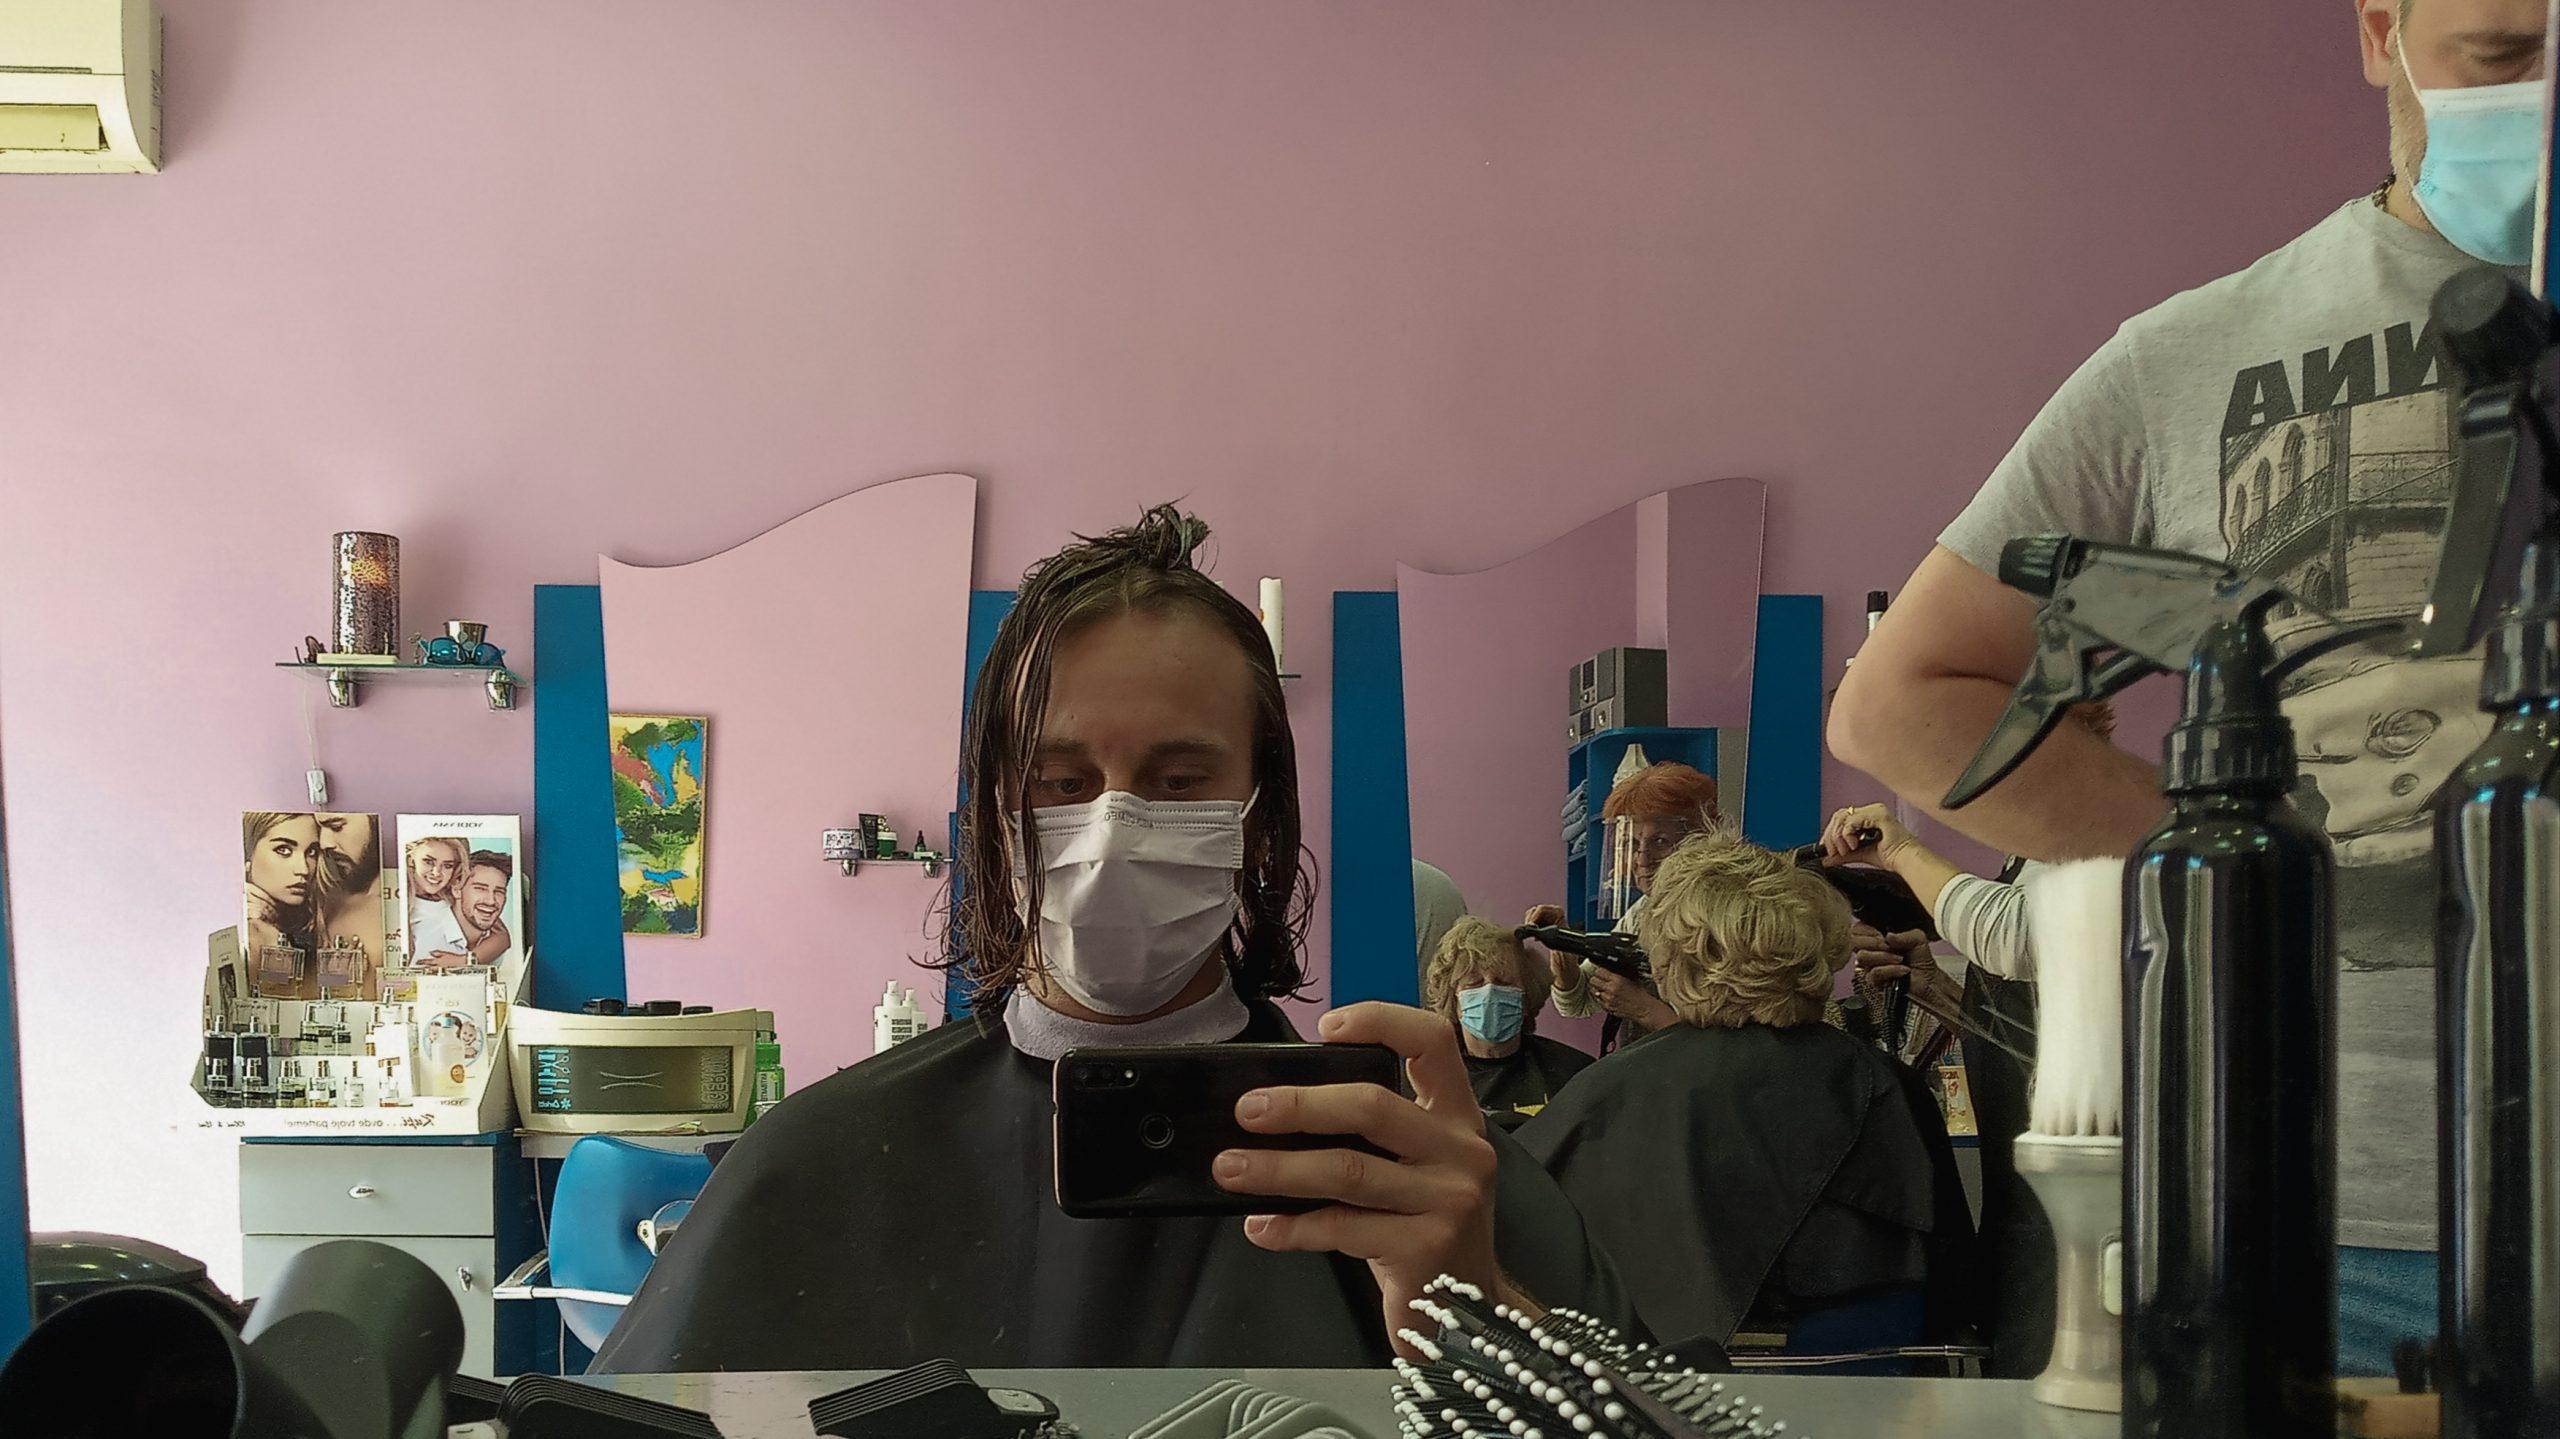 Fotím seba v zrkadle u kaderníka, bolo to vtipné strihanie s tým rúškom.